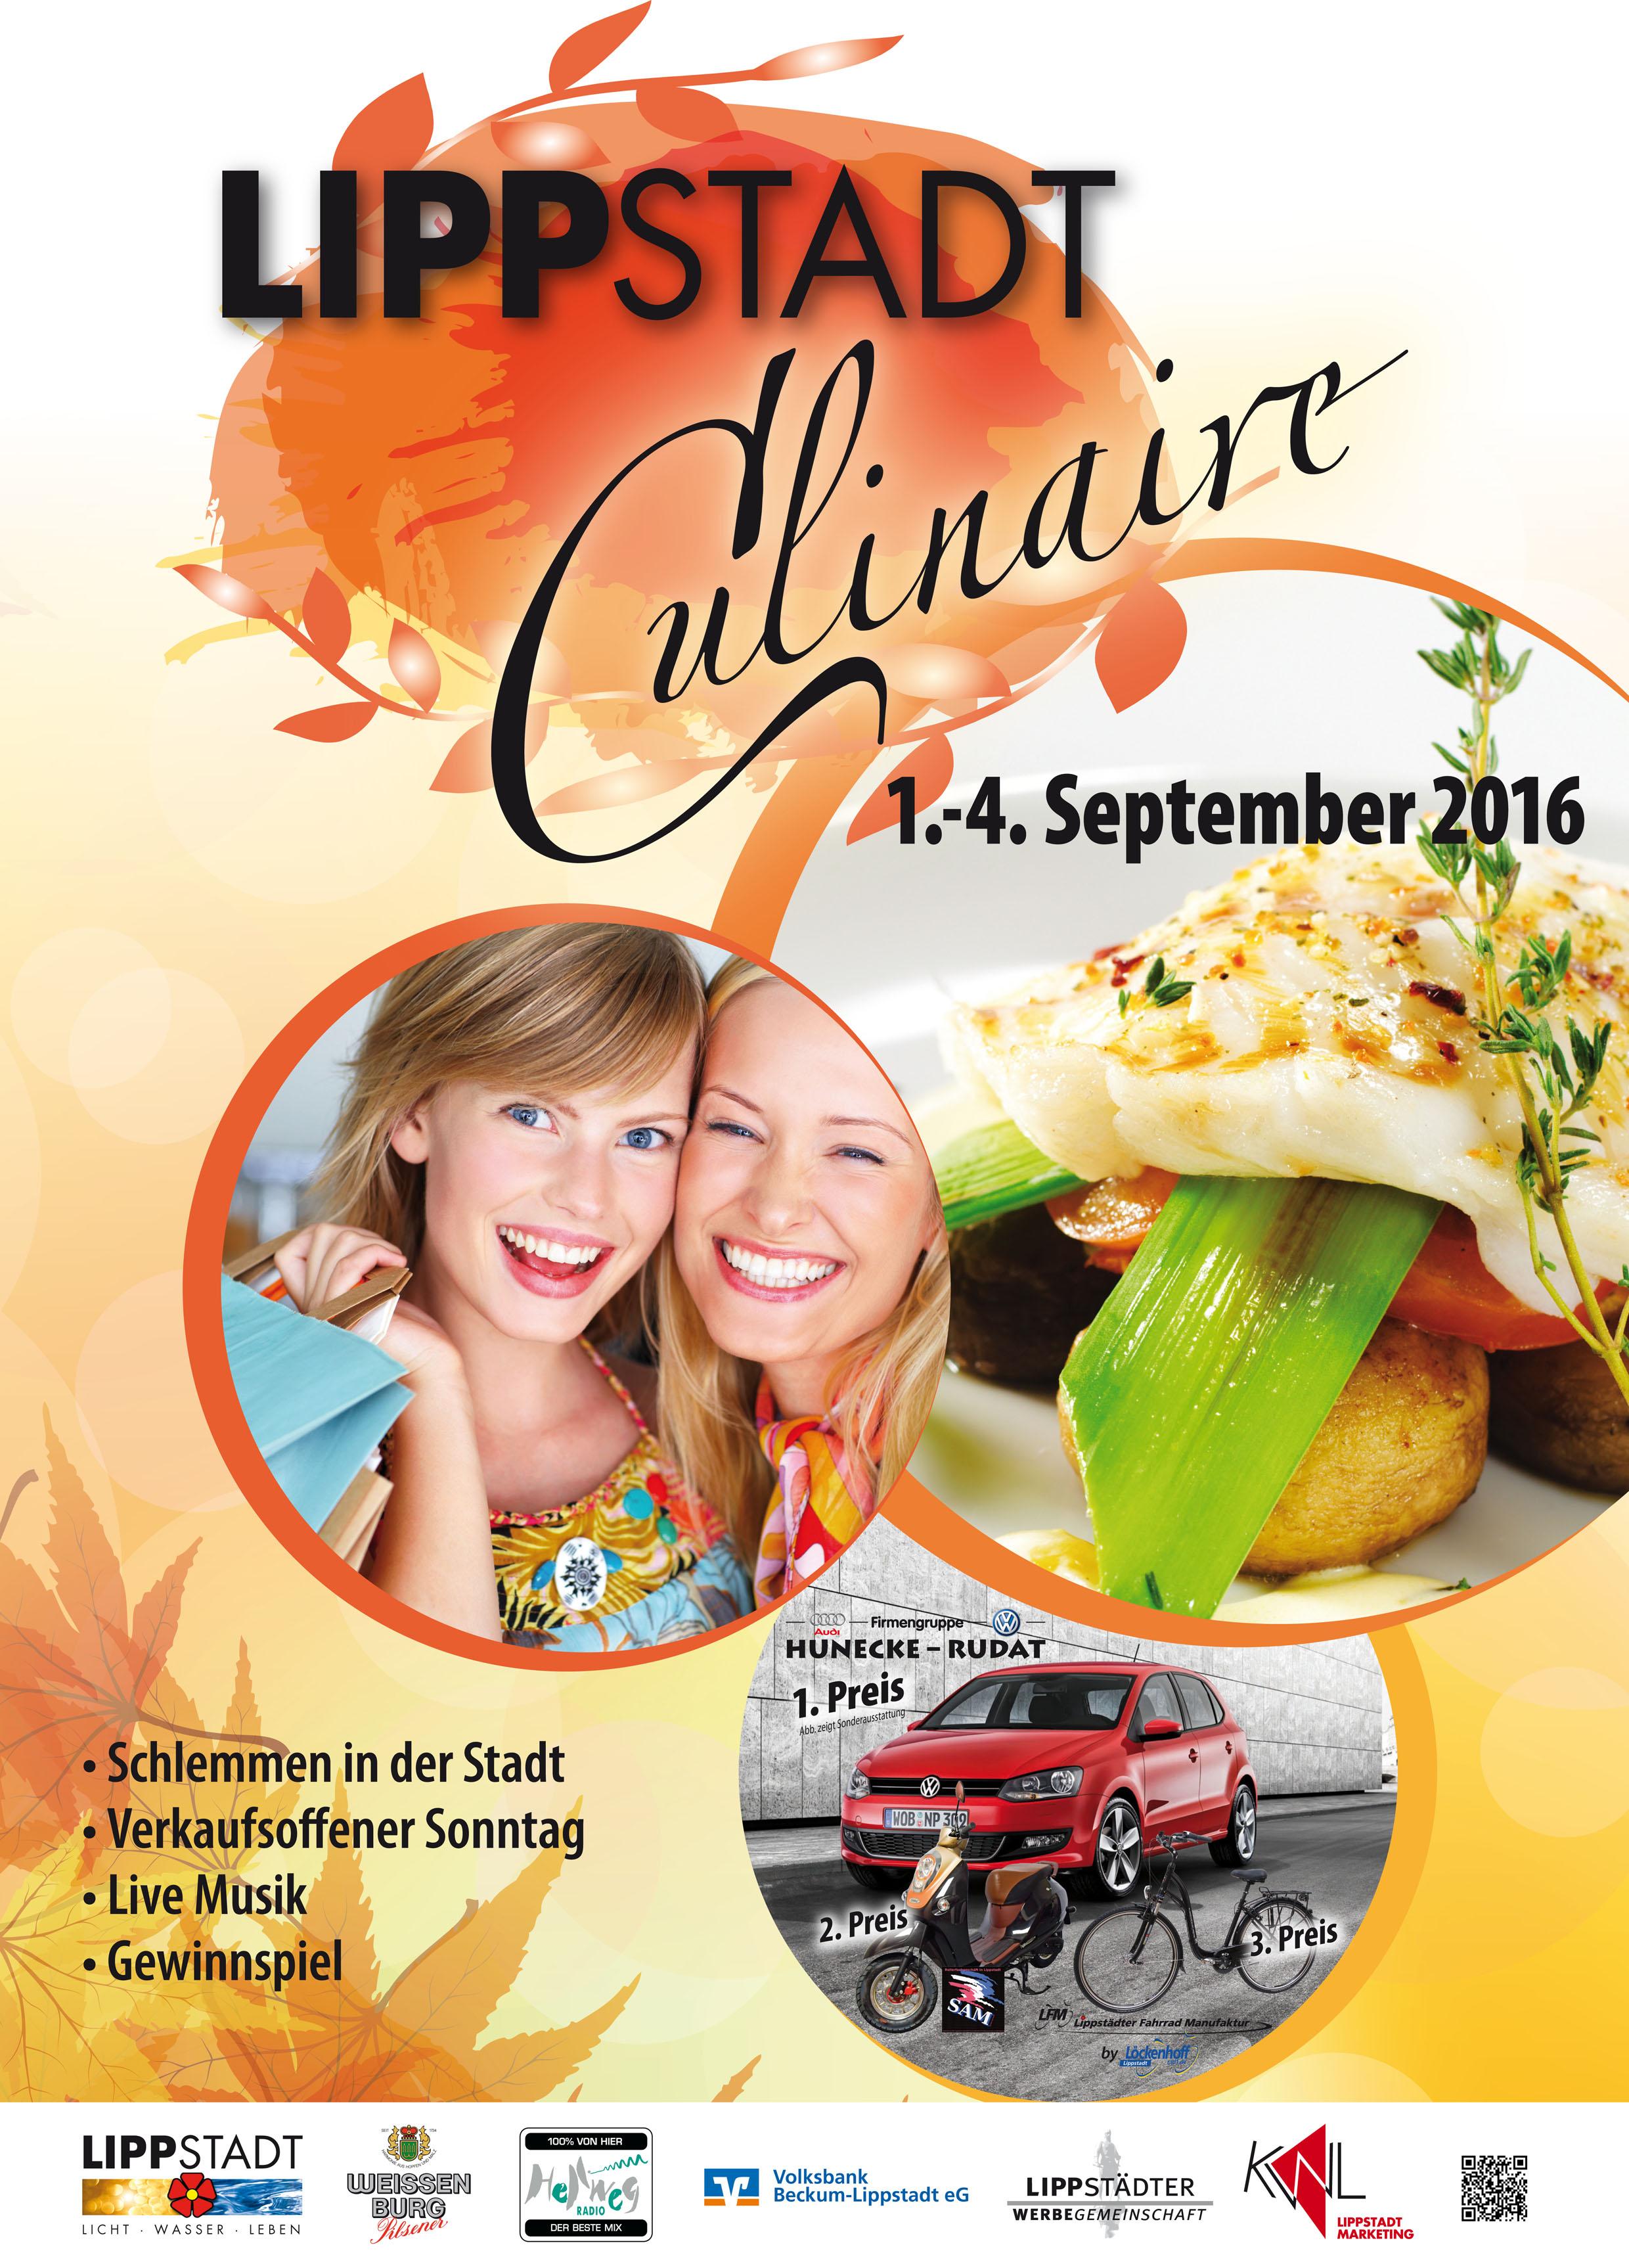 Lippstadt Culinaire-Plakat